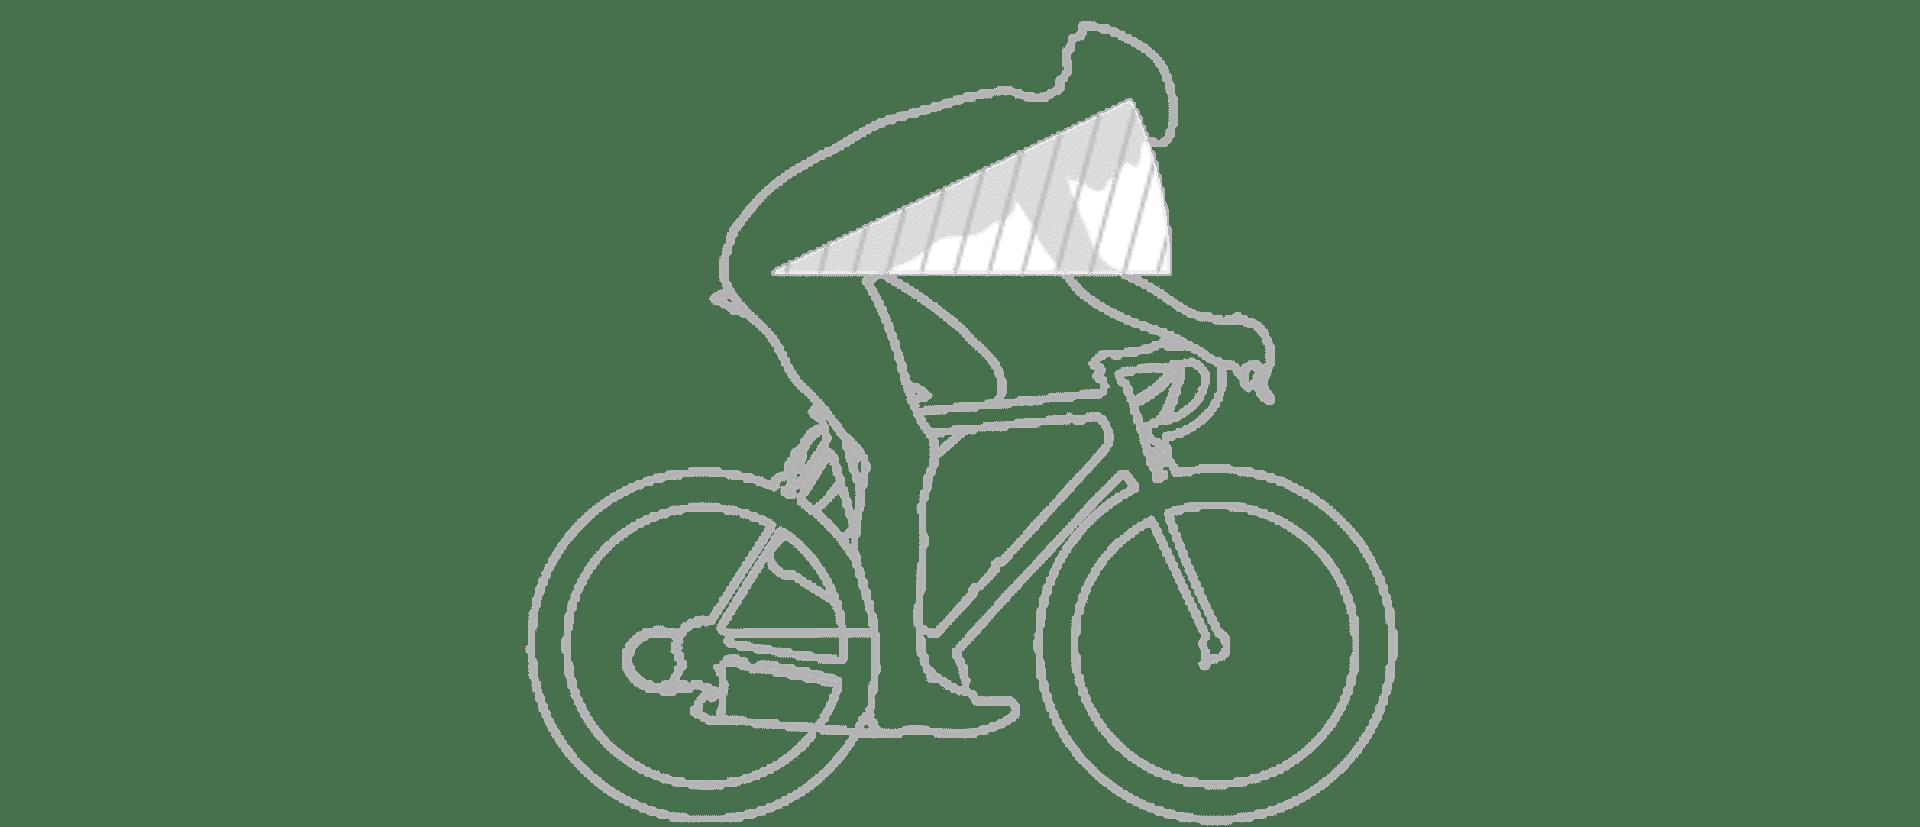 IZALCO RACE